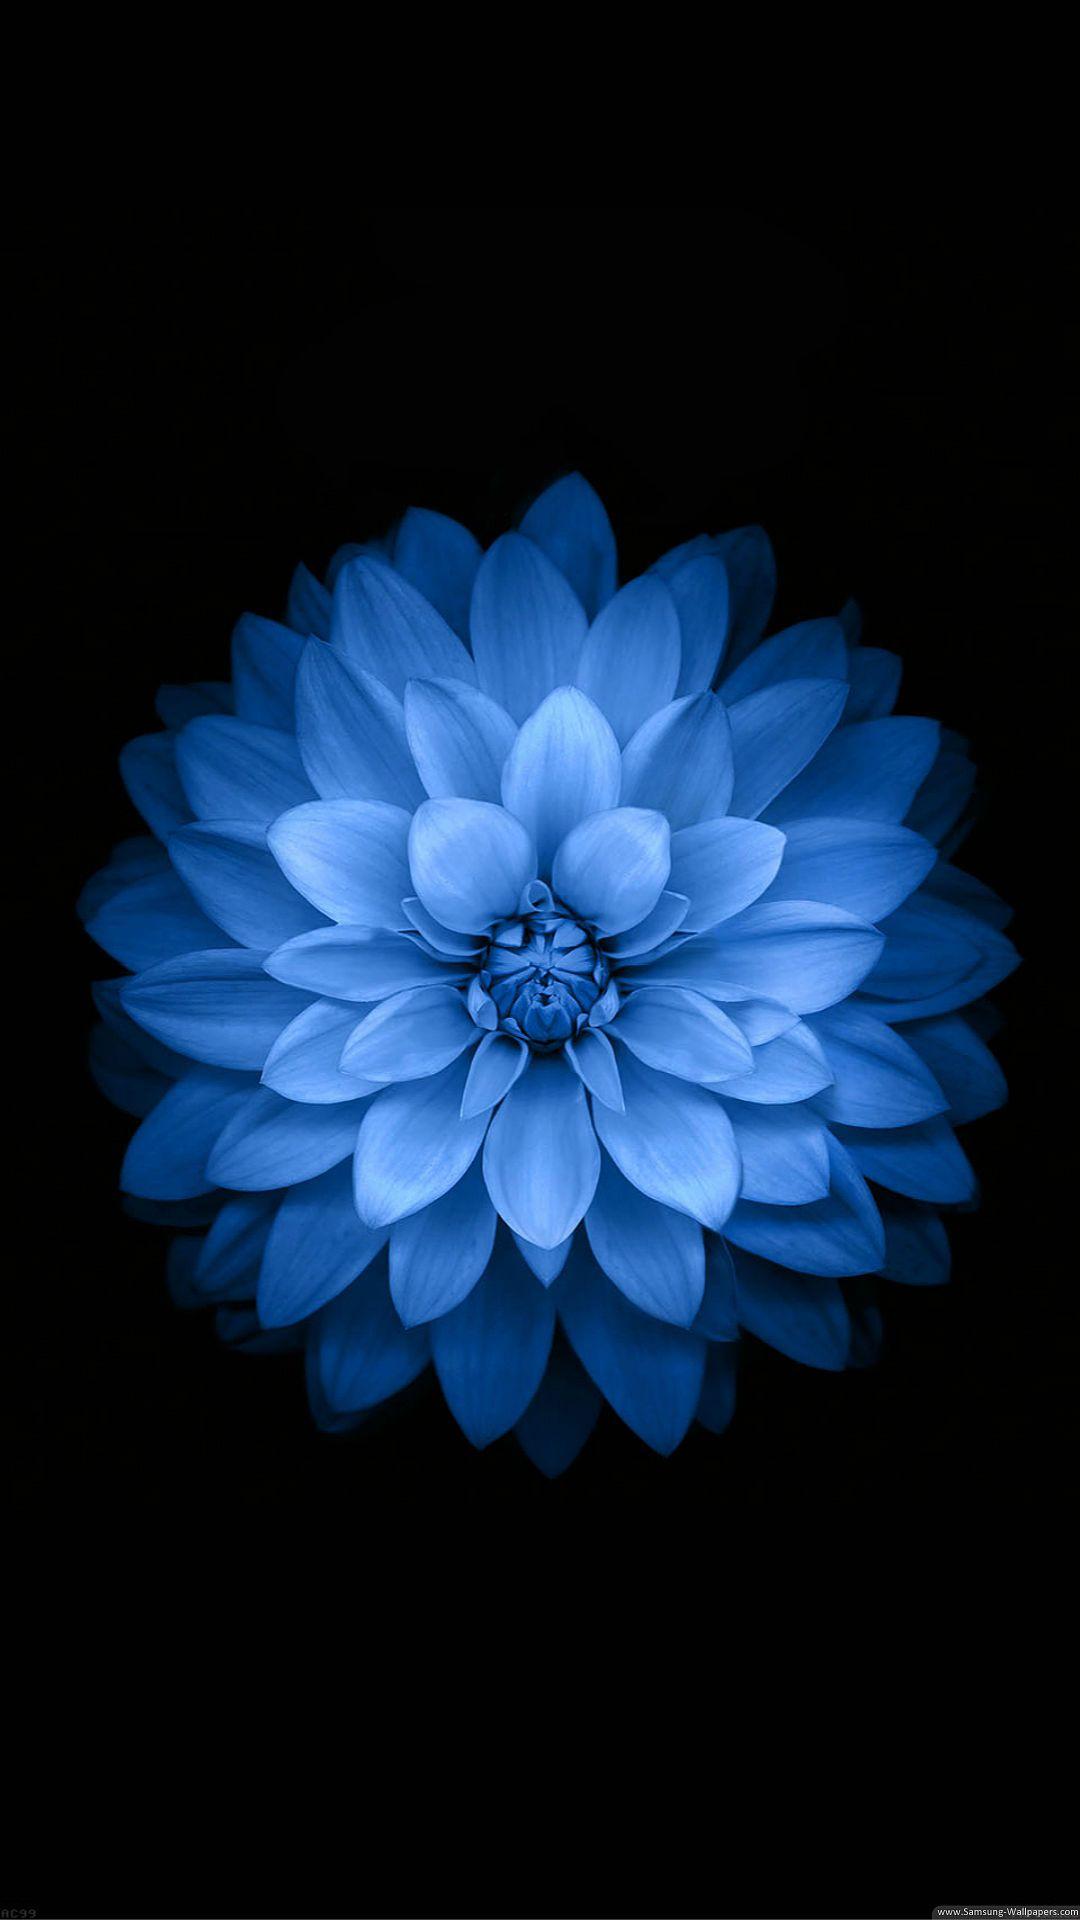 6 Flower Iphone Wallpaper Blue Flower Wallpaper Blue Wallpaper Iphone